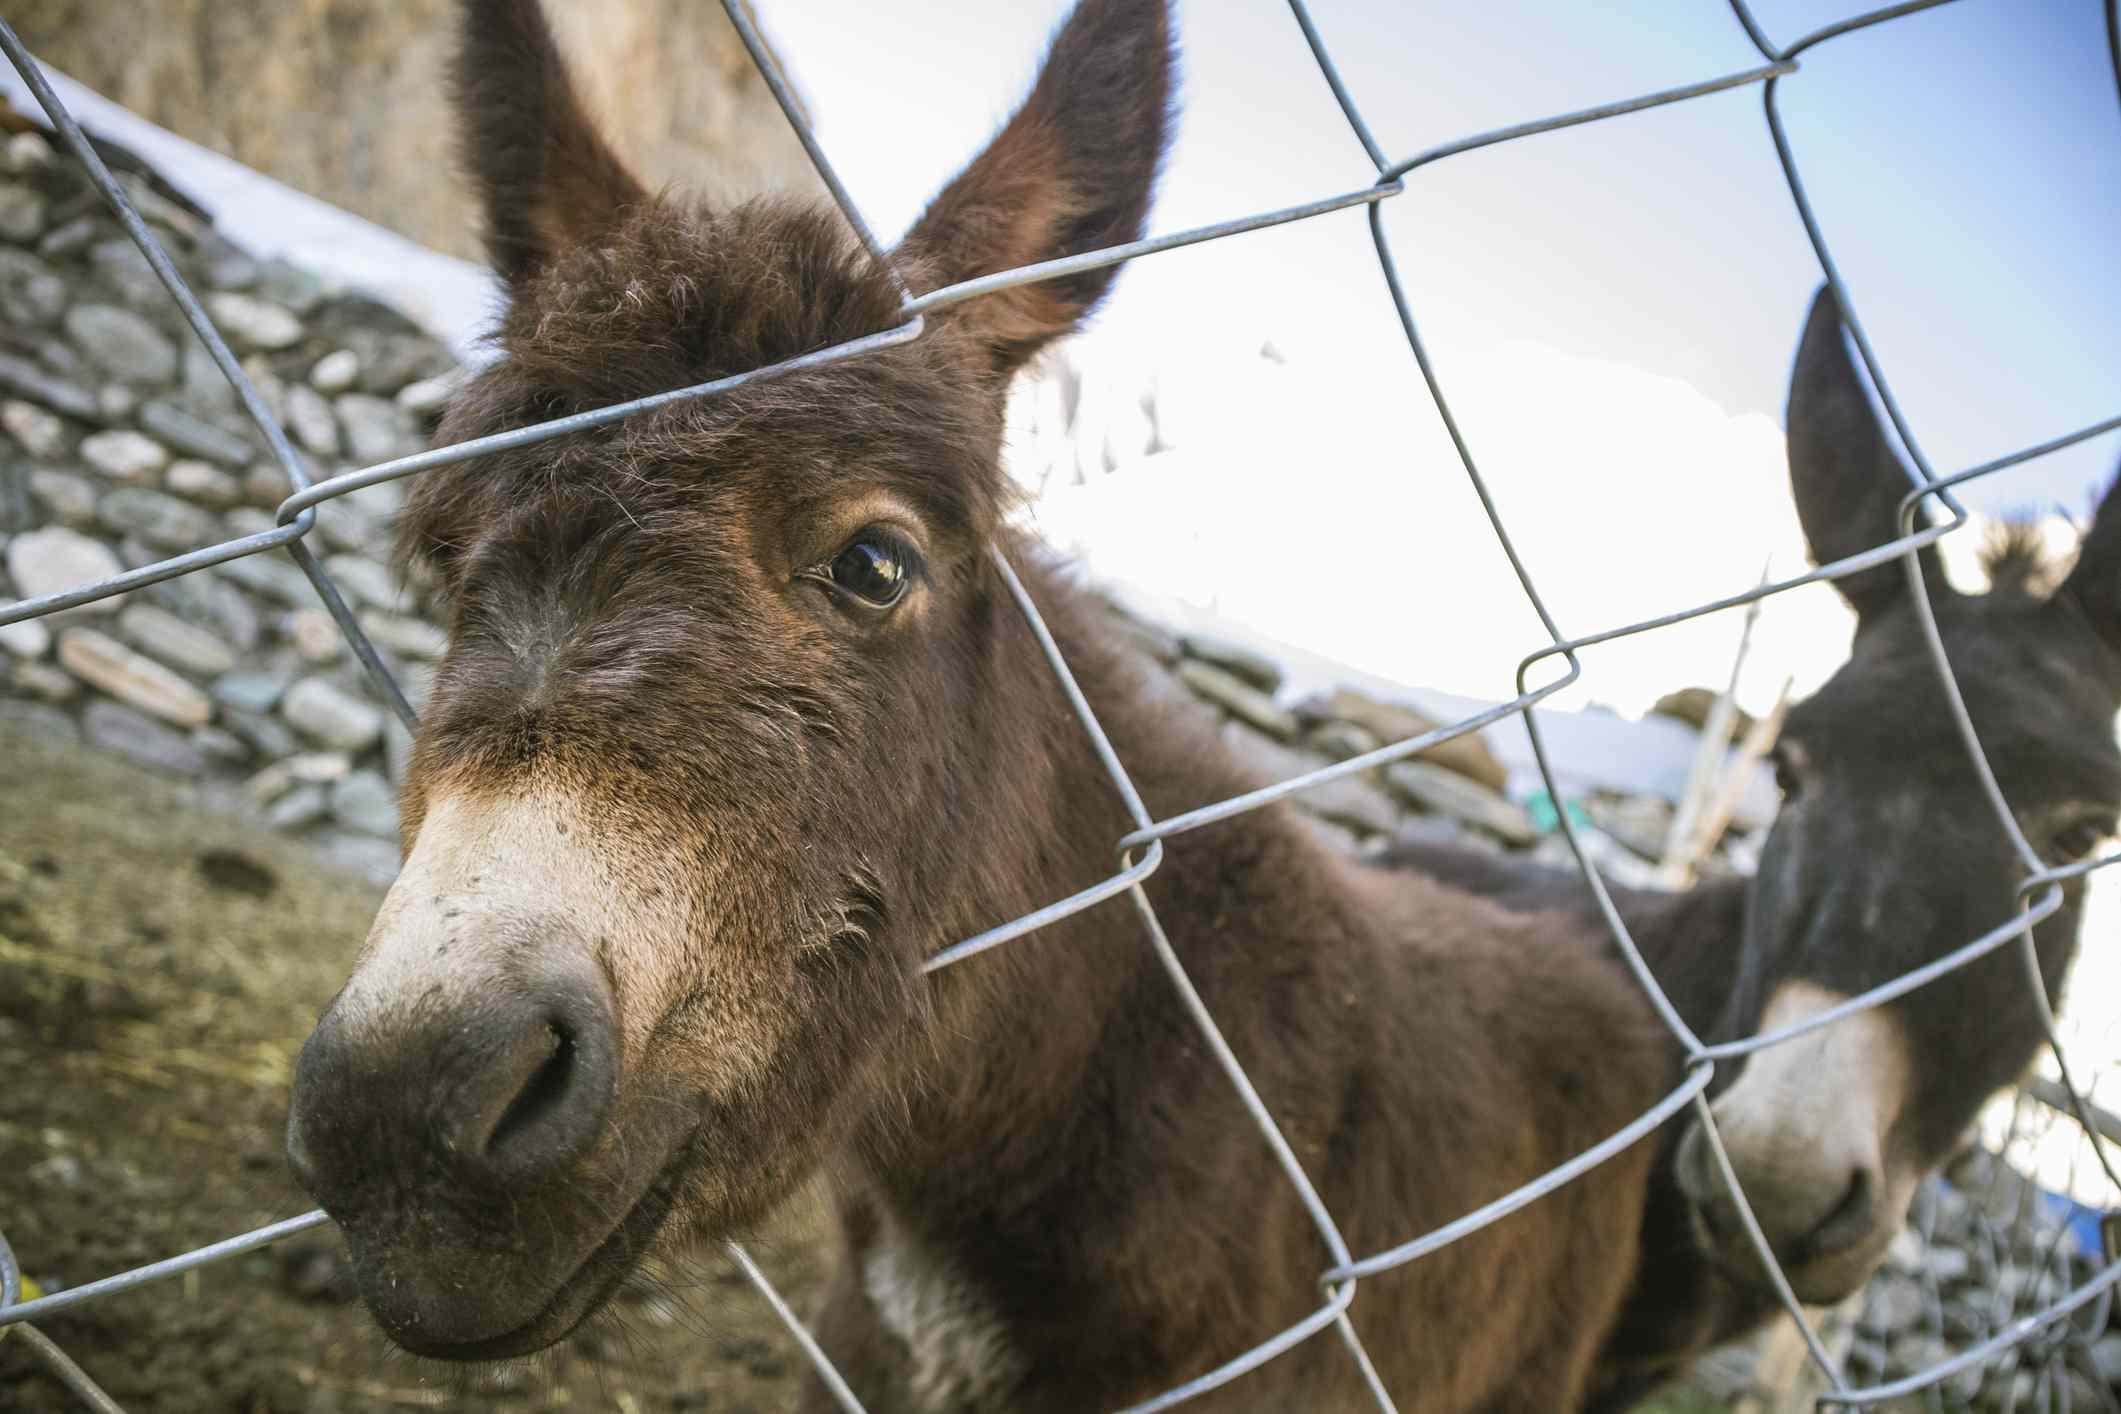 Donkeys in Ladakh.